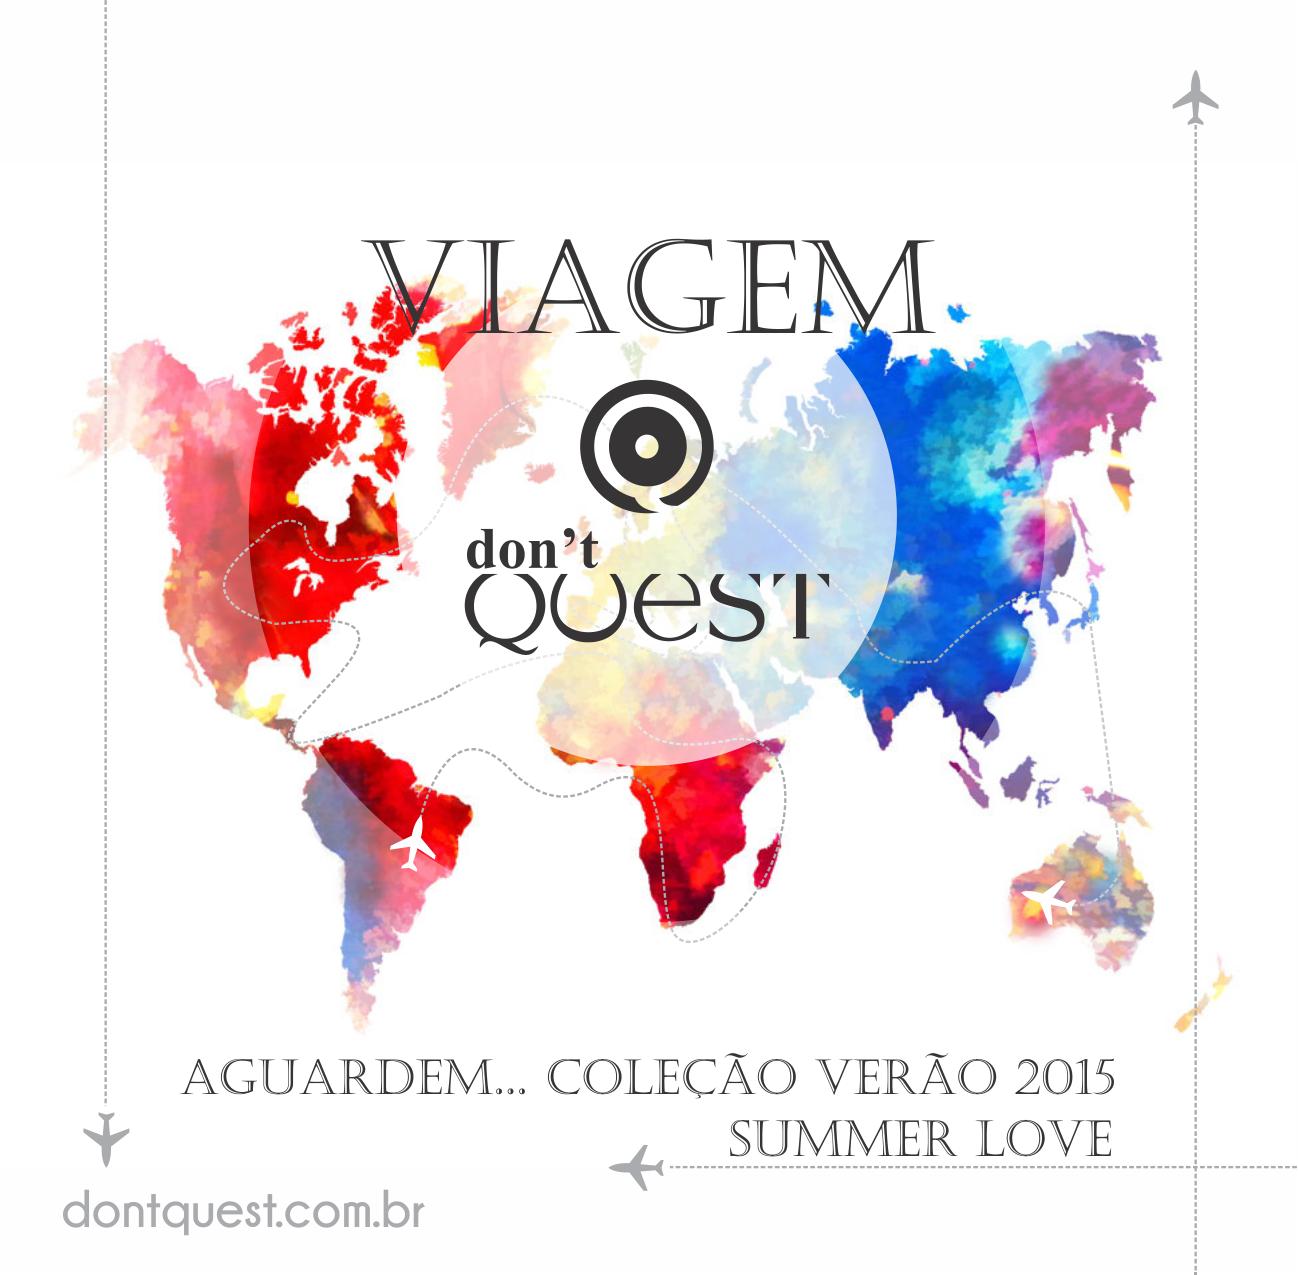 Coleção Verão 2015 -  Dont' Quest - Sumer Love #dontquest #summerlove #verão2015 #verão #miami #moda #fashion #modagoiana #goiania #viagemdontquest